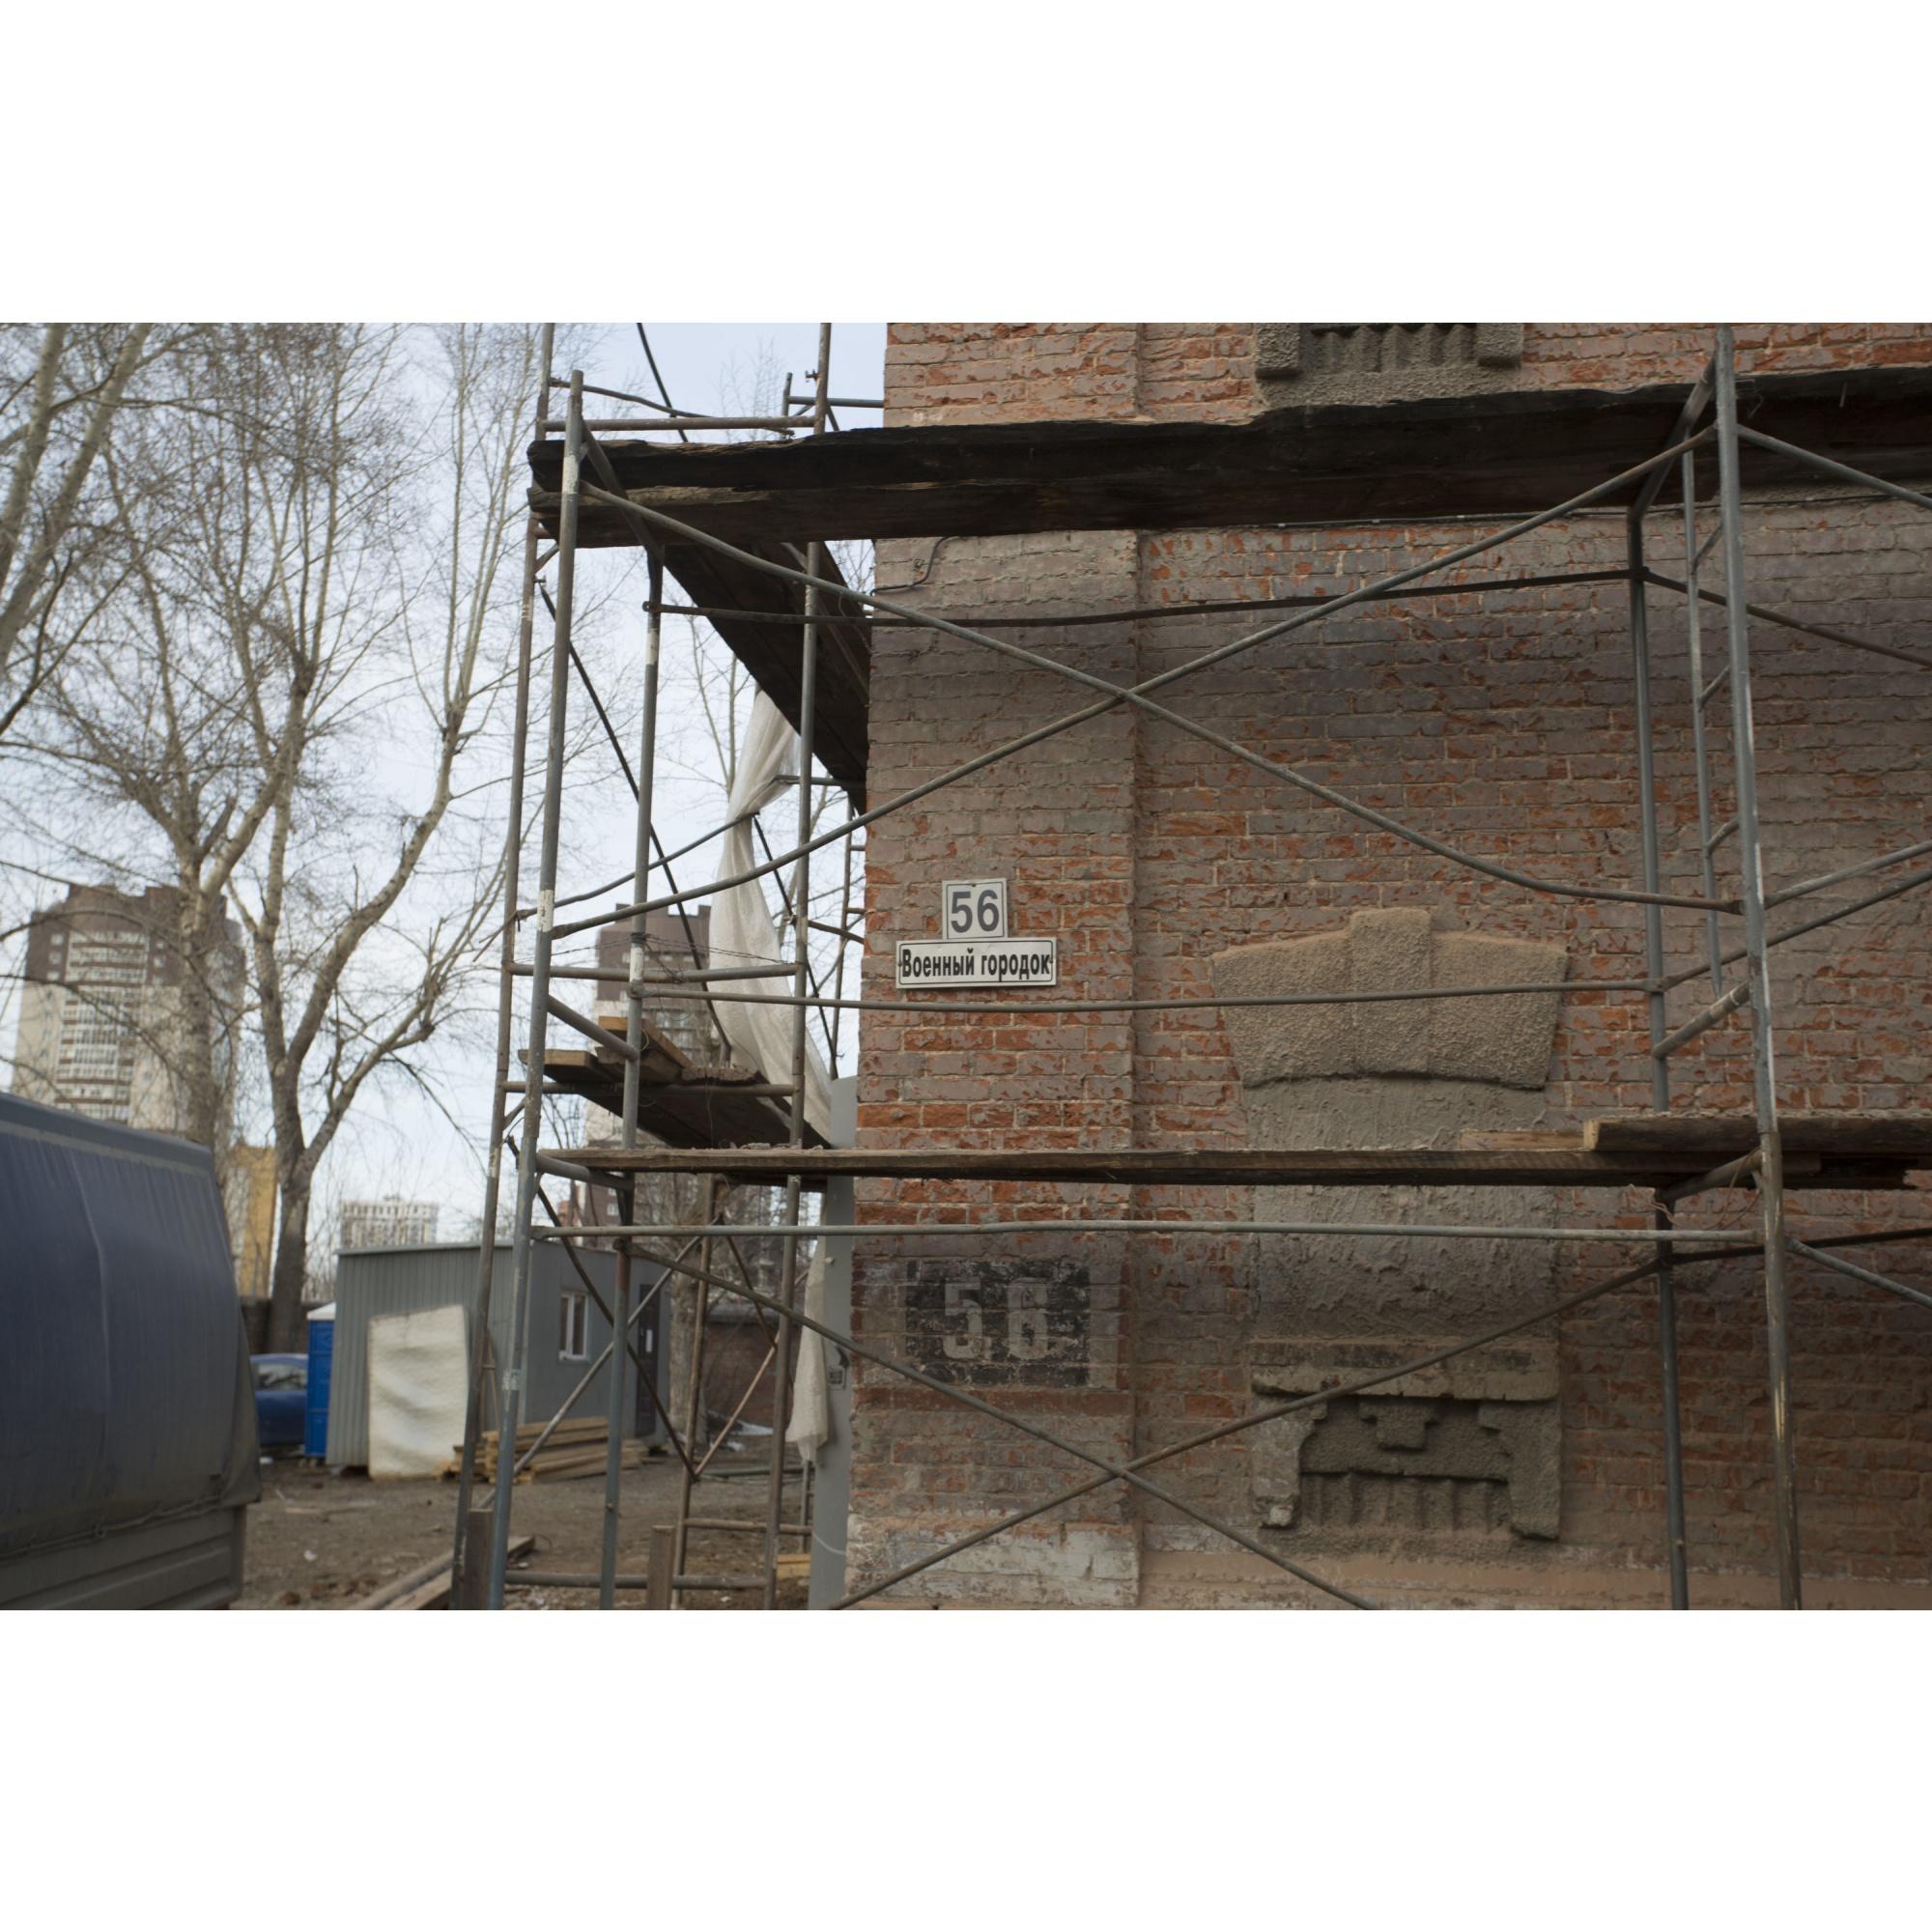 В список выявленных объектов культурного наследия включили 5 зданий: конюшни, баню и три жилых дома